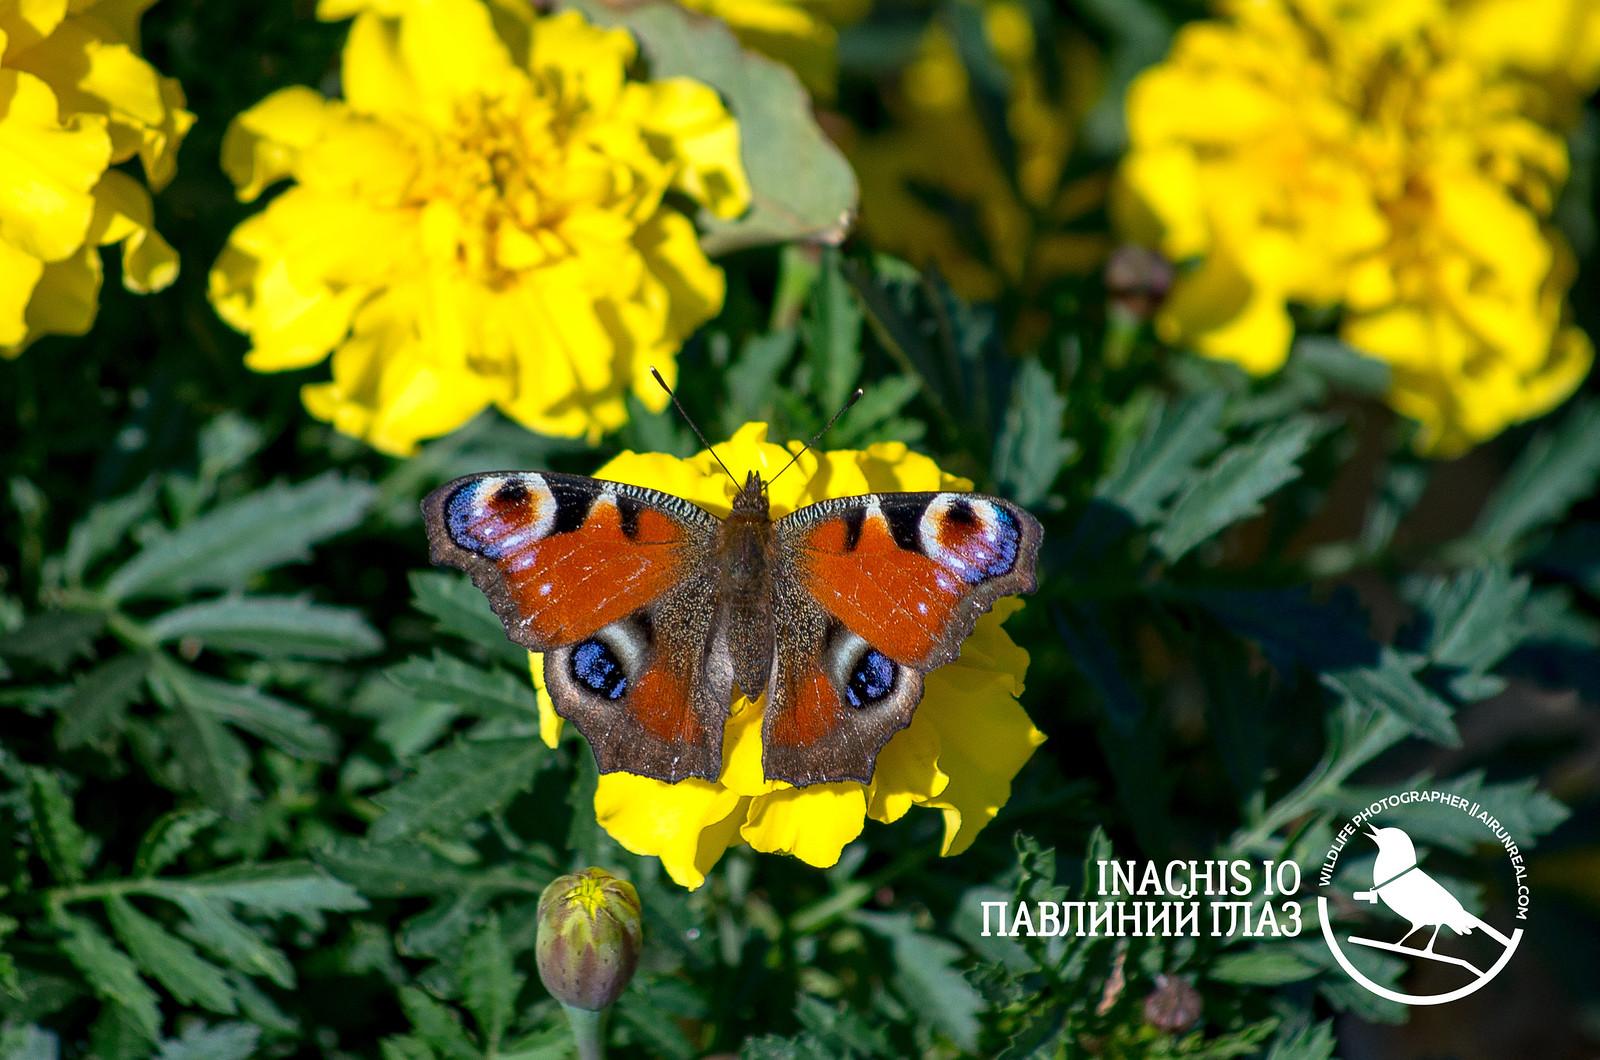 Inachis io // 01042017